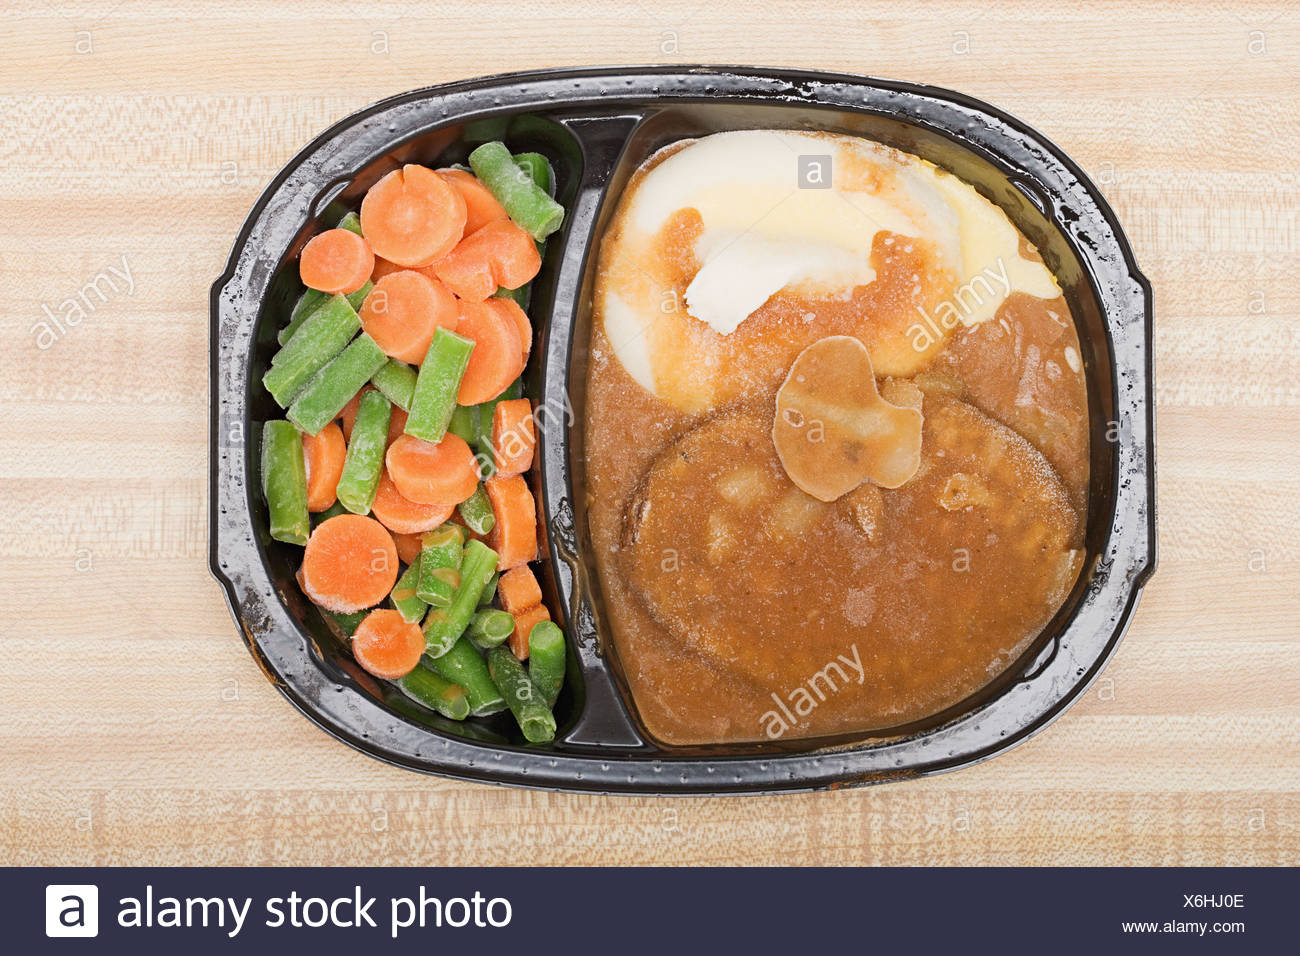 Frozen tv dinner - Stock Image